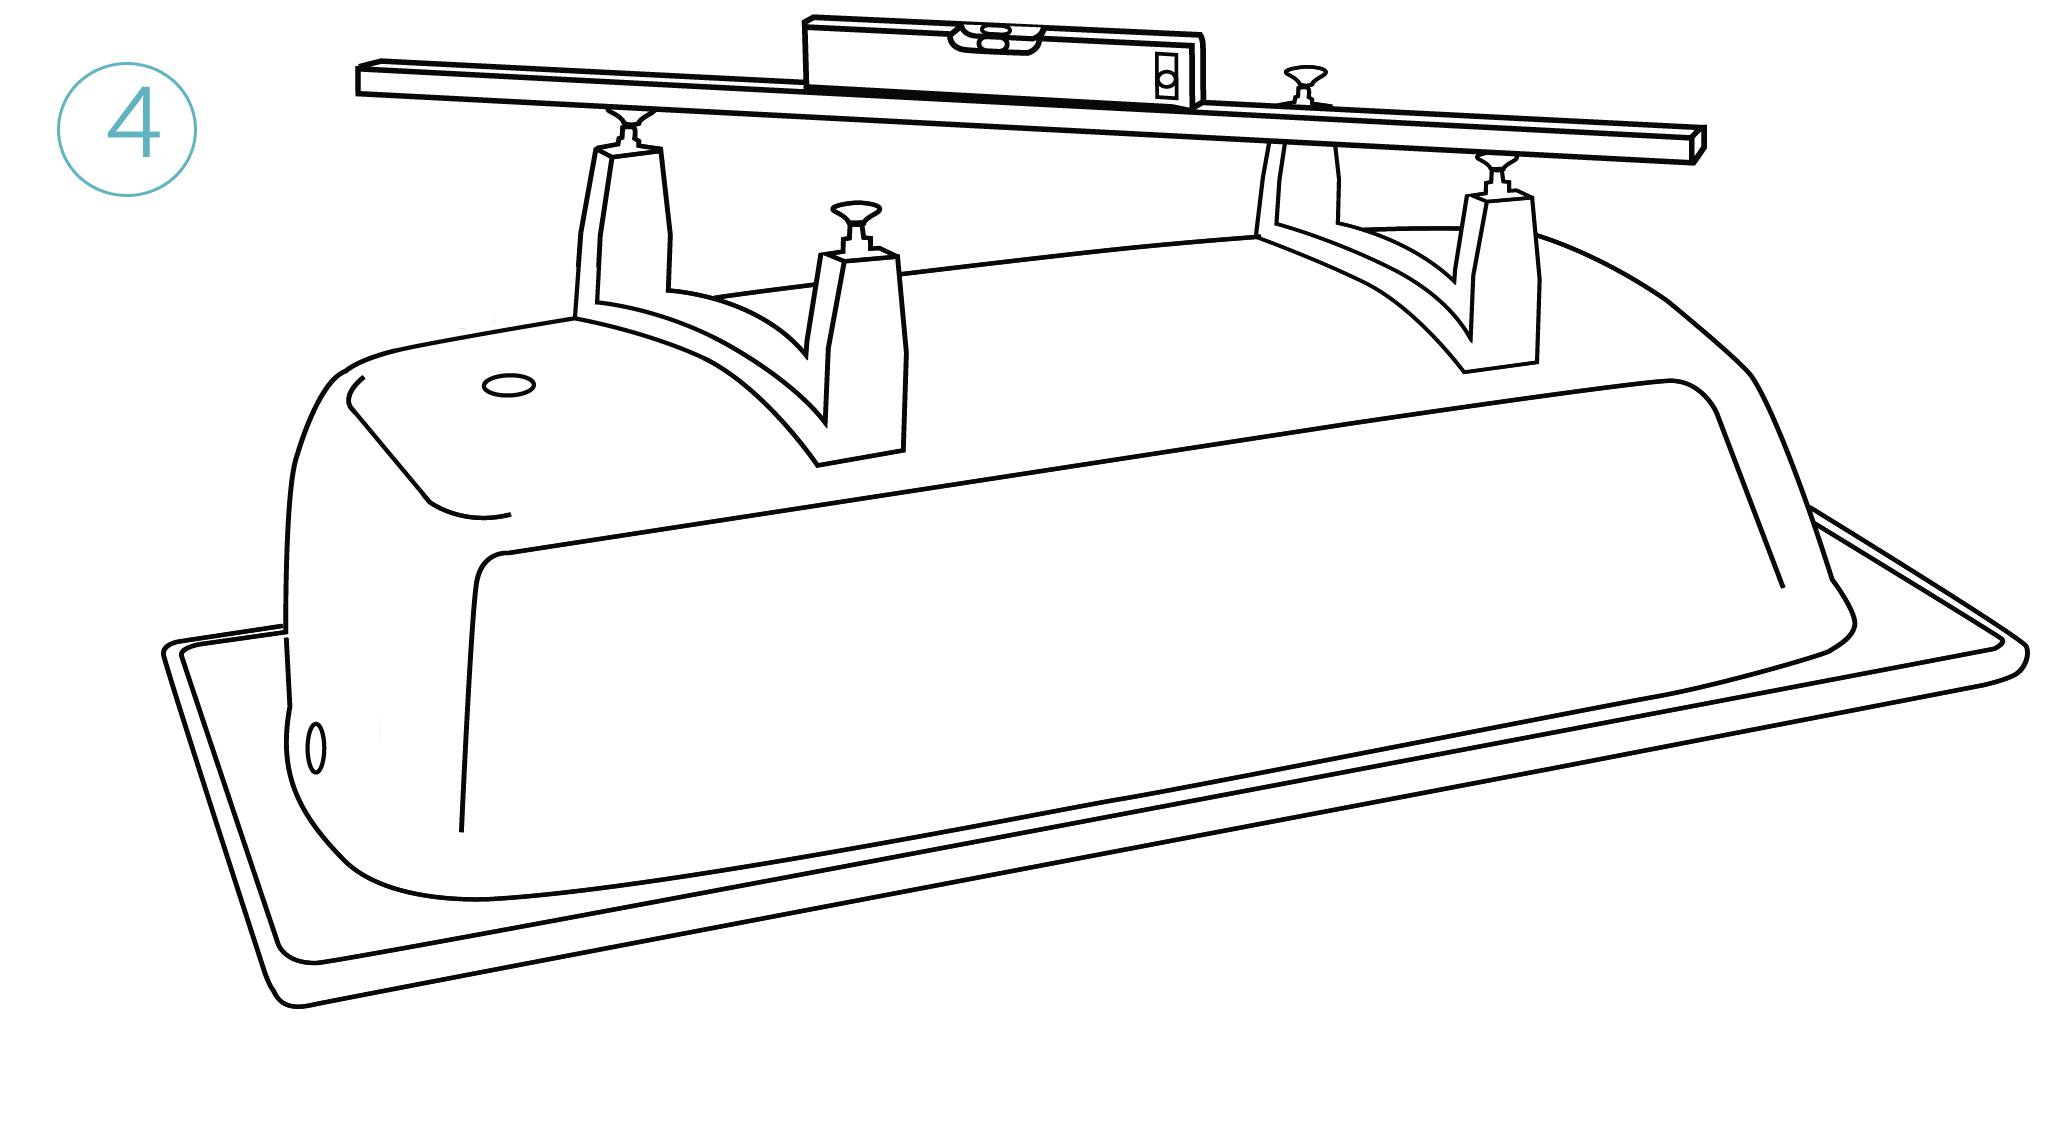 Вкрутите регулировочные винты, переверните ванну с собранной опорой н спомощью строительного уровня приведите ее в горизонтальное положение путем регулировки ножек.